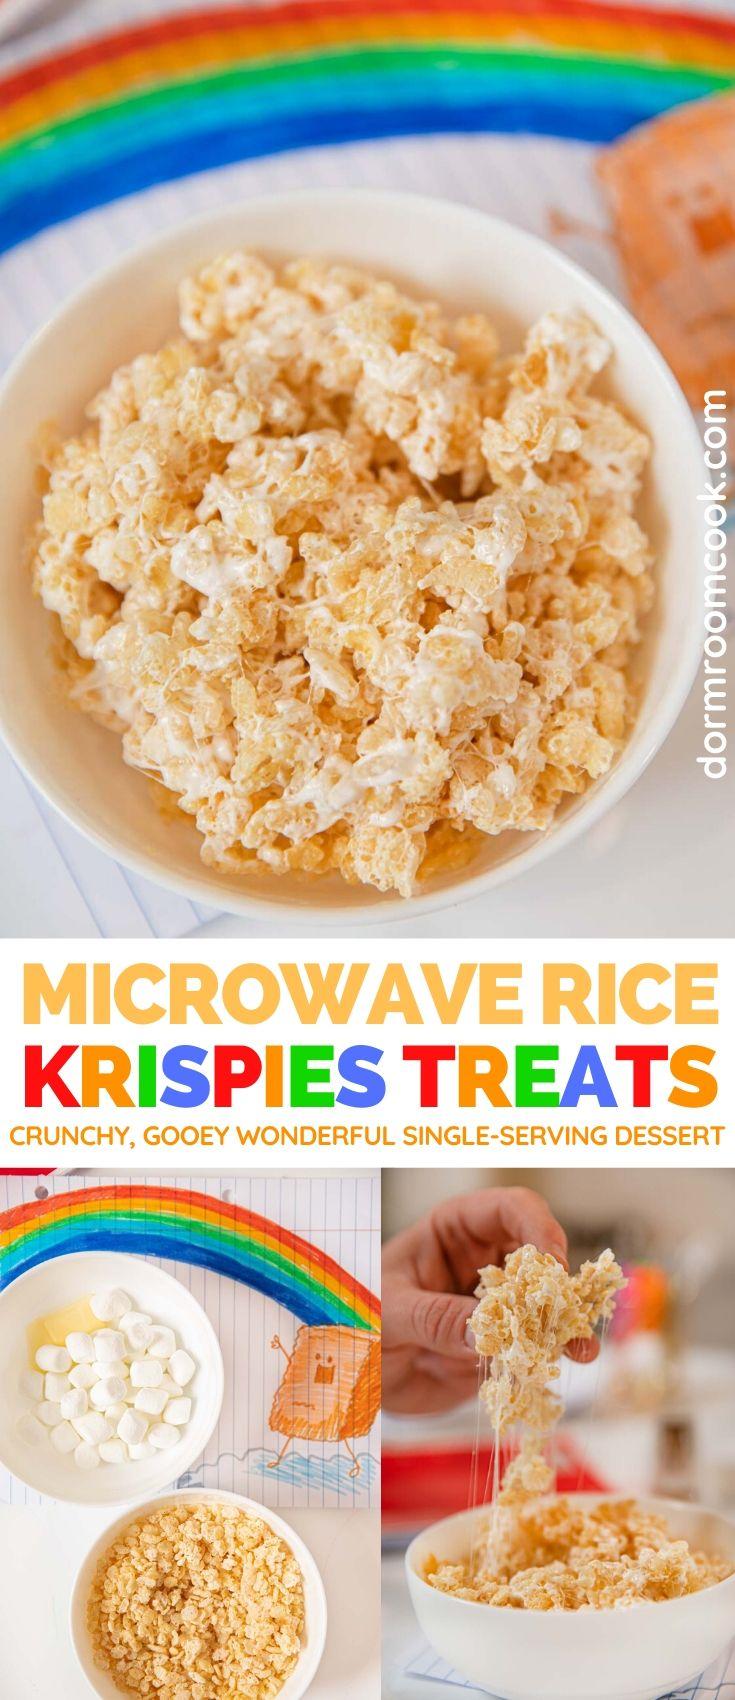 Gooey Microwave Rice Krispies